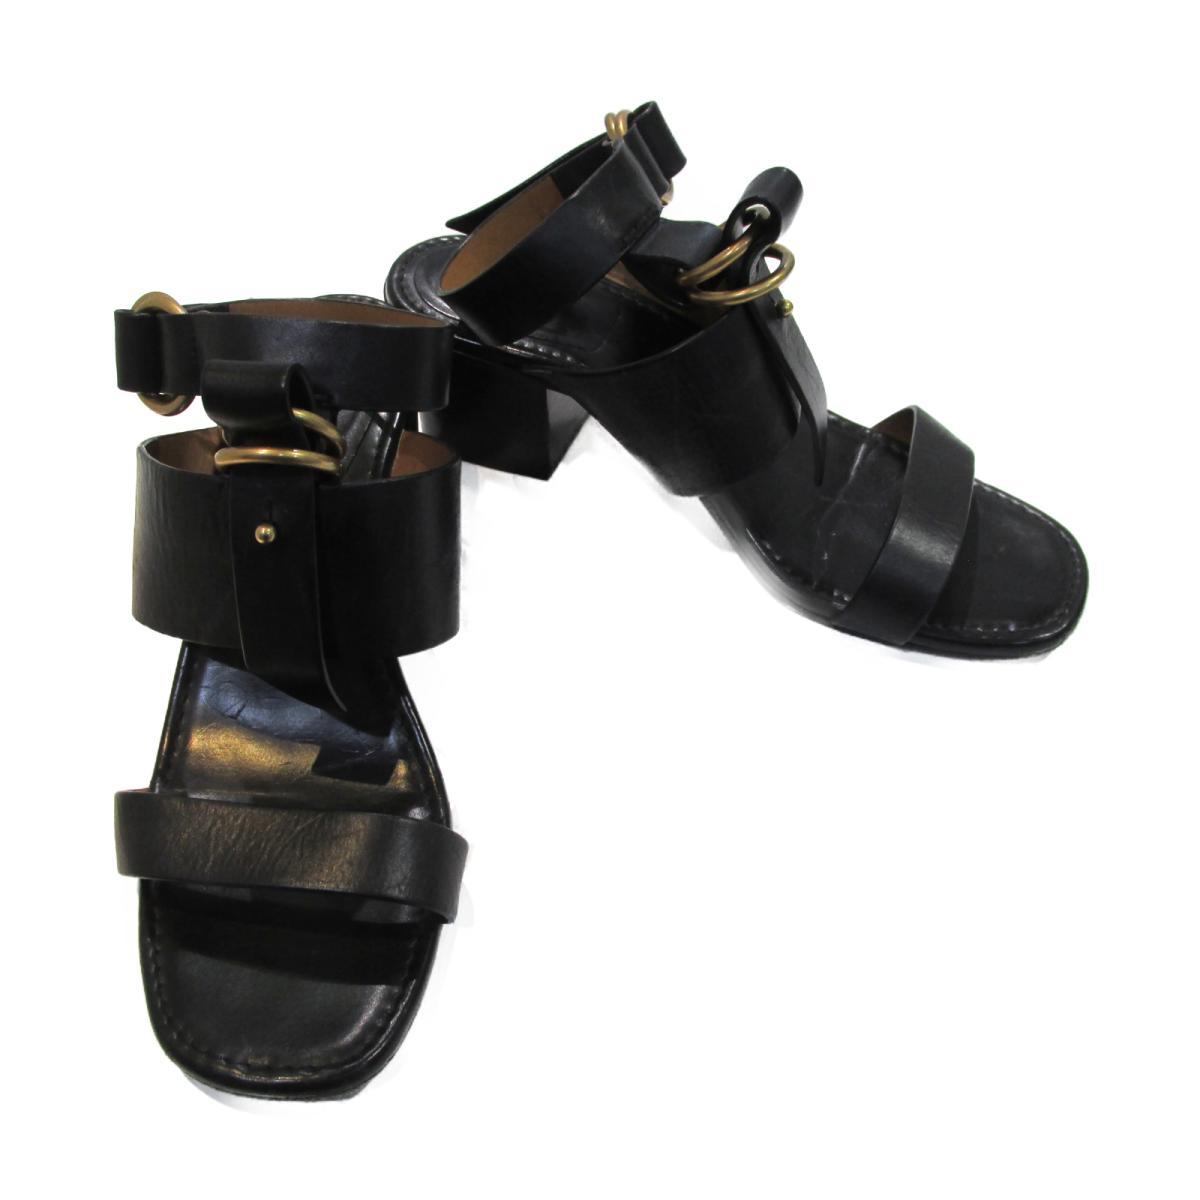 【中古】 クロエ サンダル レディース レザー ブラック | Chloe BRANDOFF ブランドオフ ブランド 靴 シューズ クツ